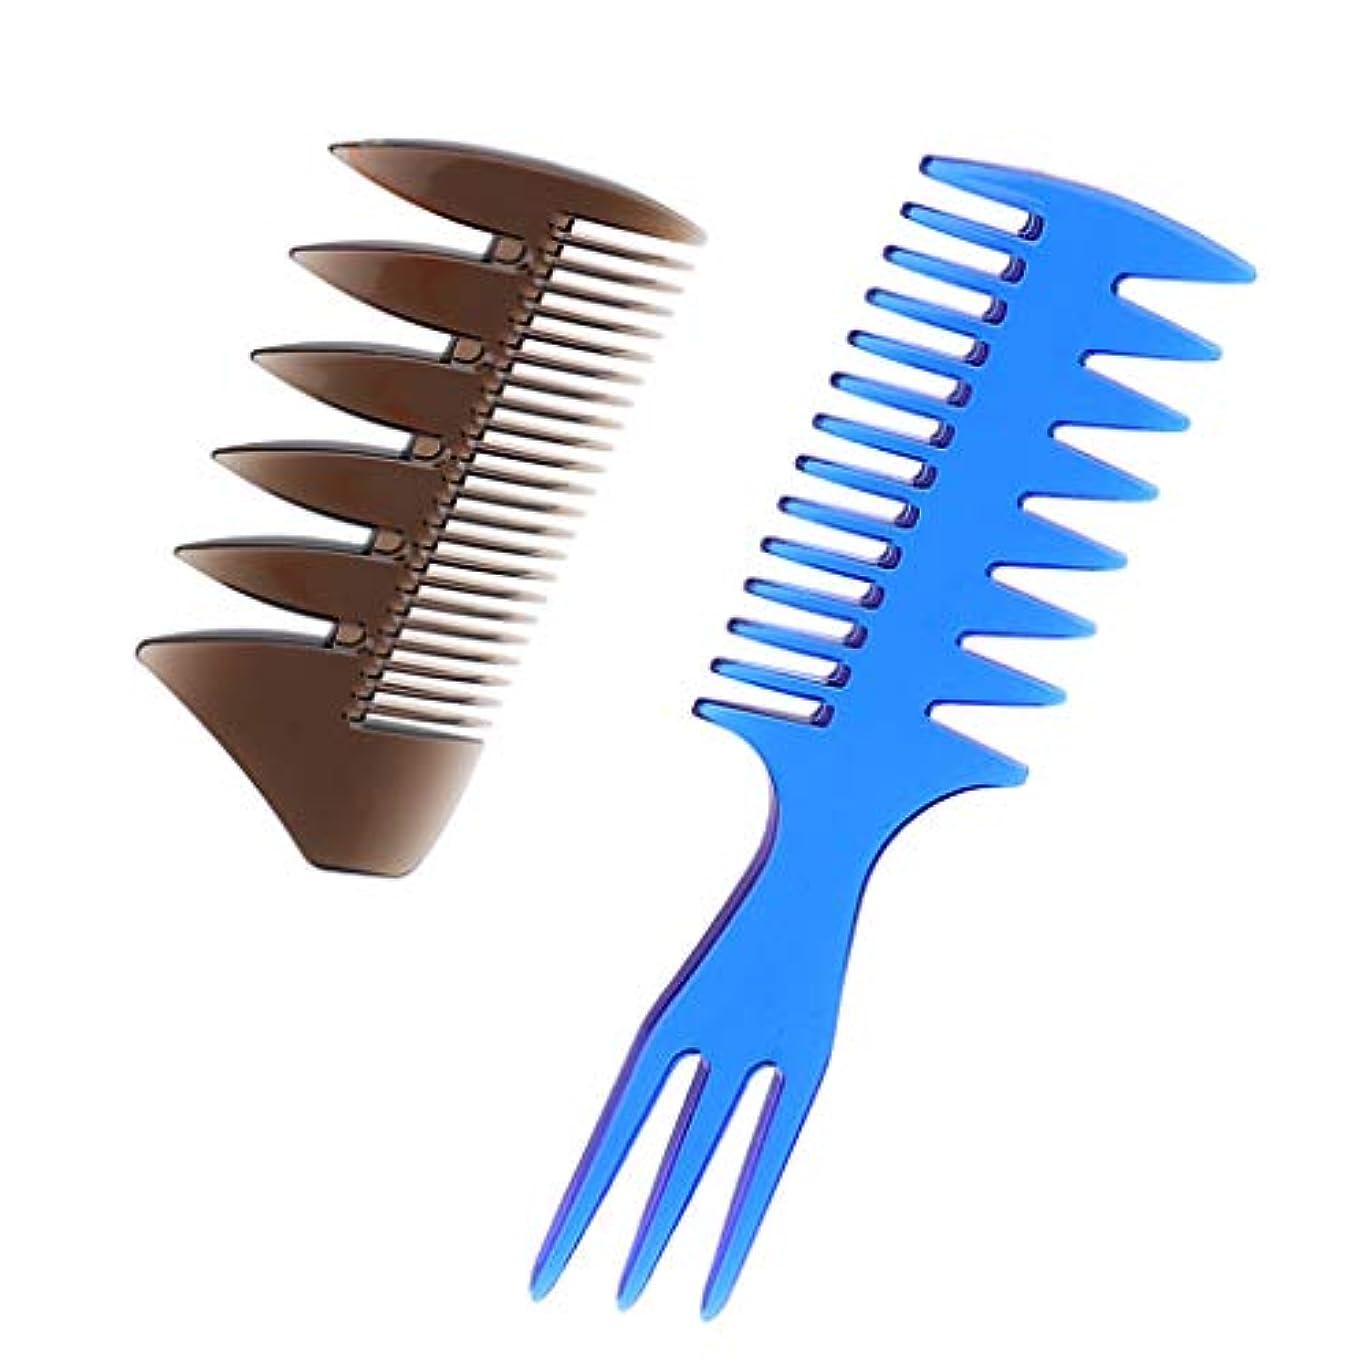 治療ダイエット苦行2本 広い歯櫛 コーム 3-in-1櫛 2-in-1櫛 多目的 ヘアサロン 美容師